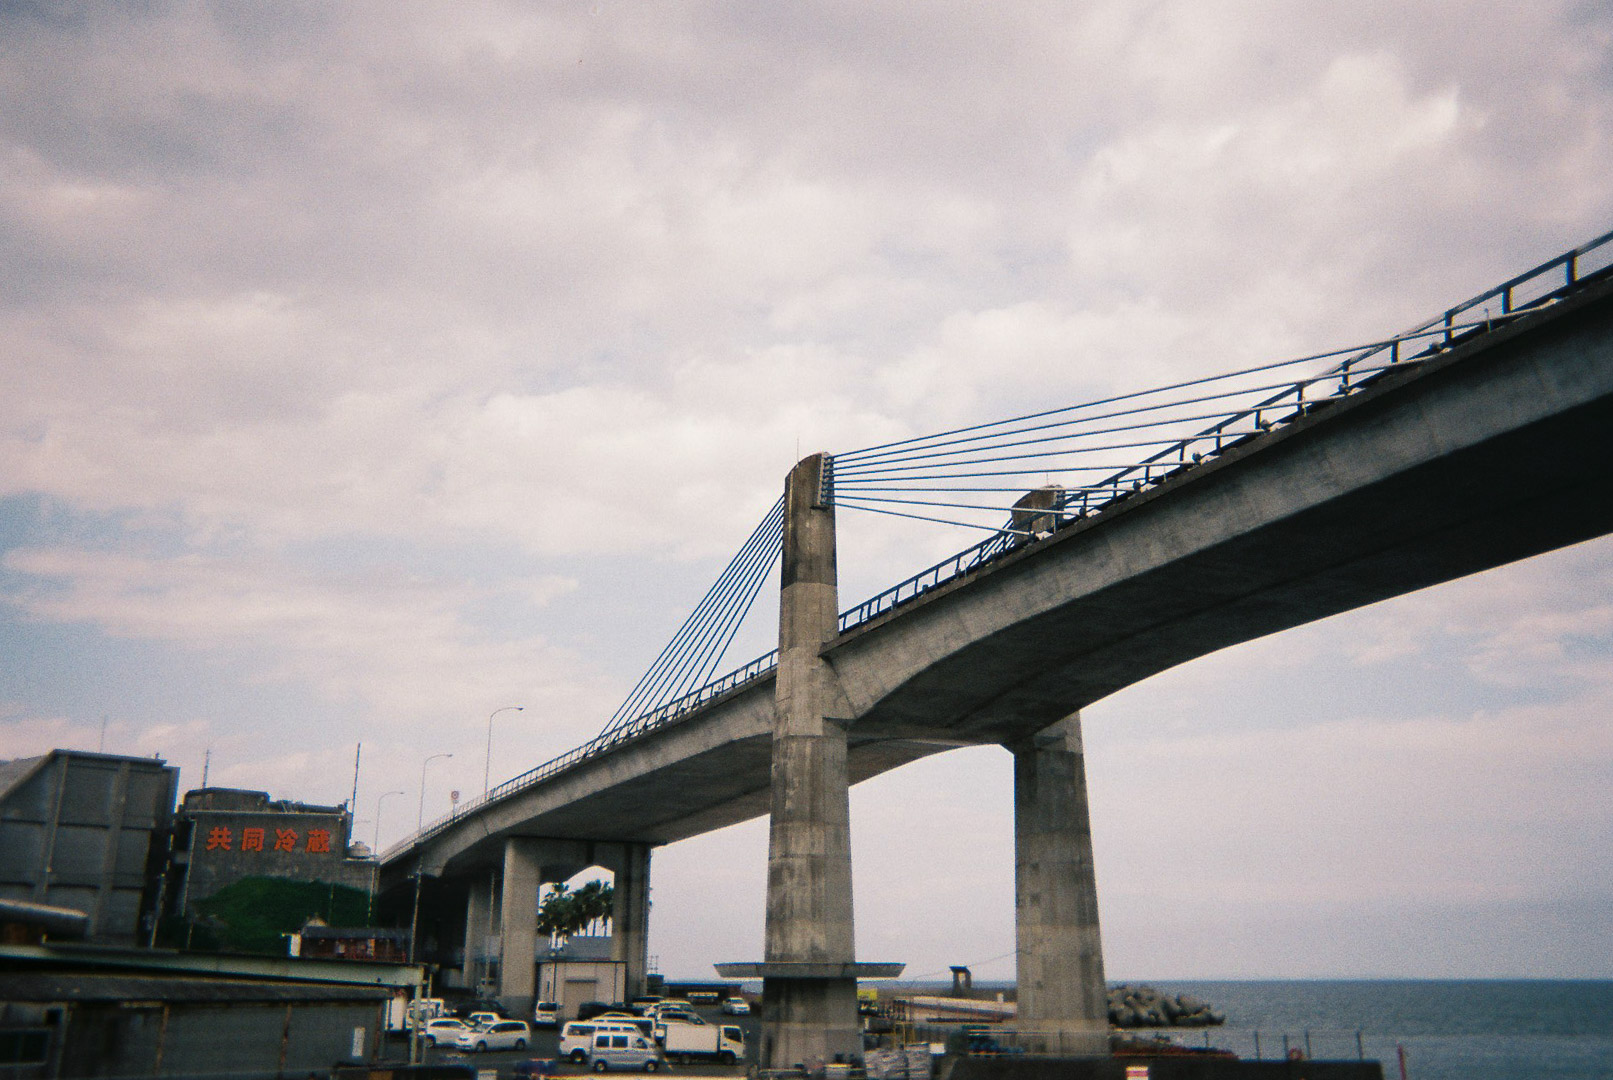 早川漁港を歩きました